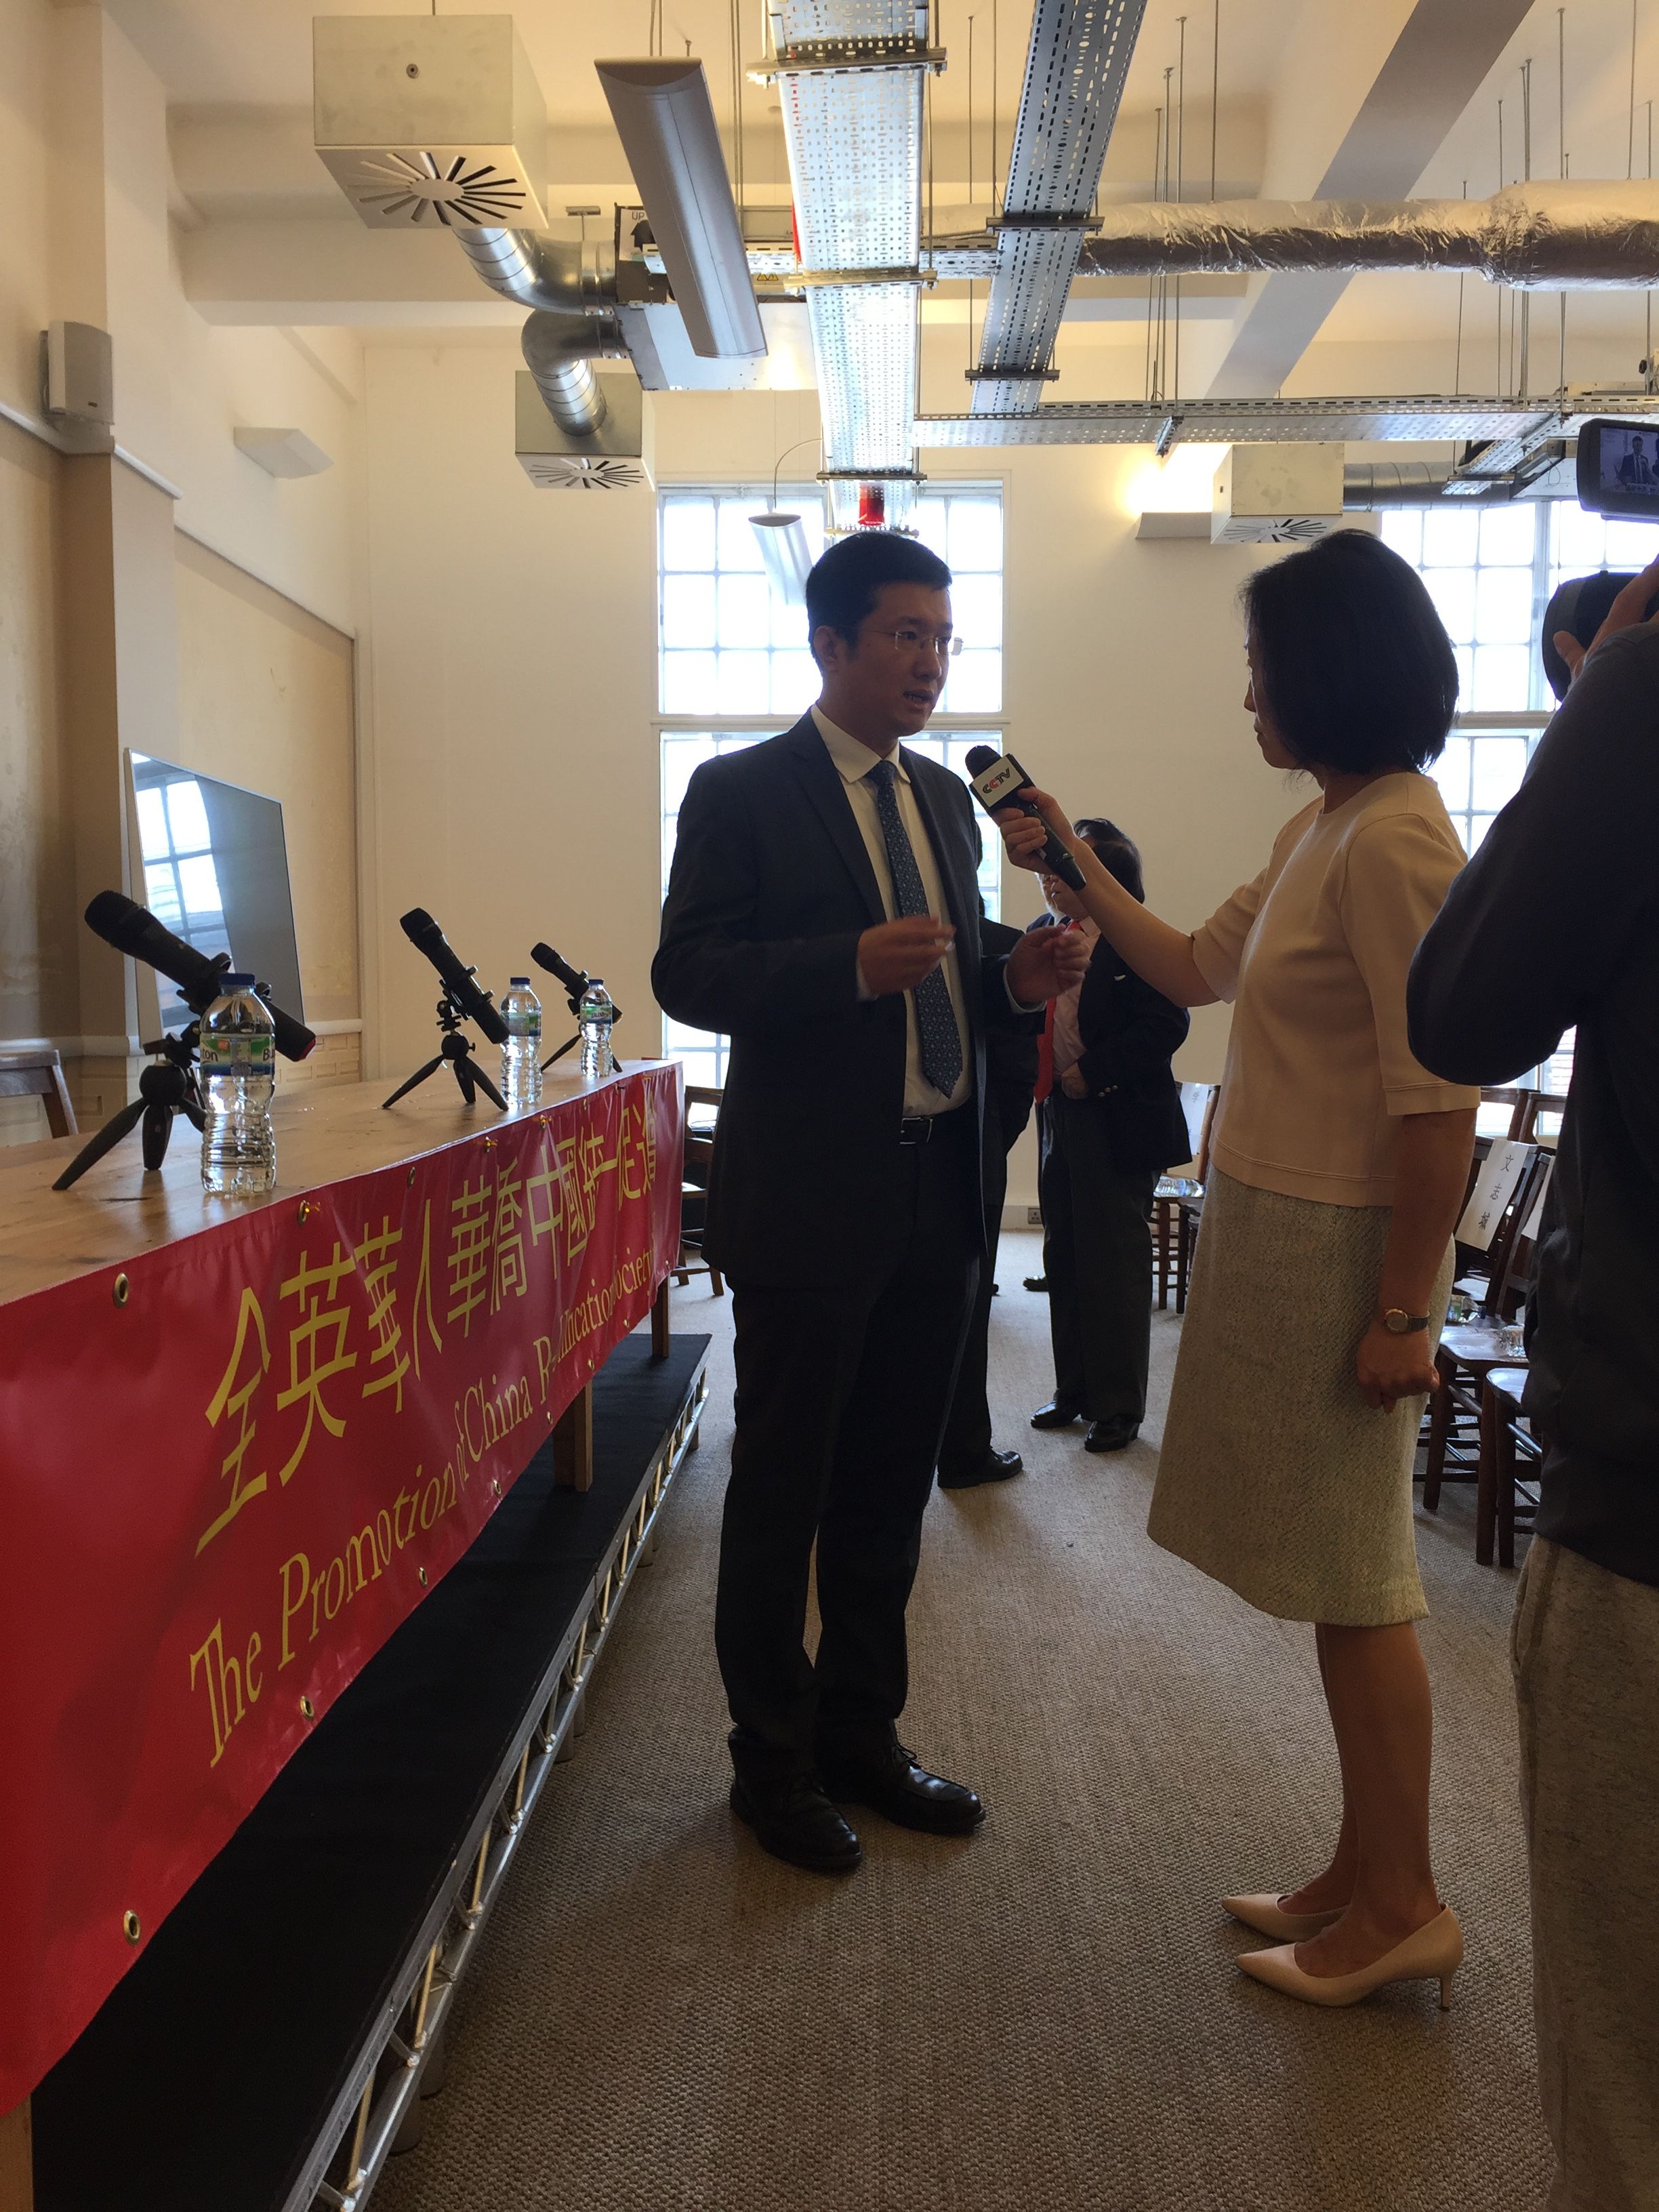 全英华人华侨中国统一促进会常务副会长  刘凯教授接受CCTV采访.JPG